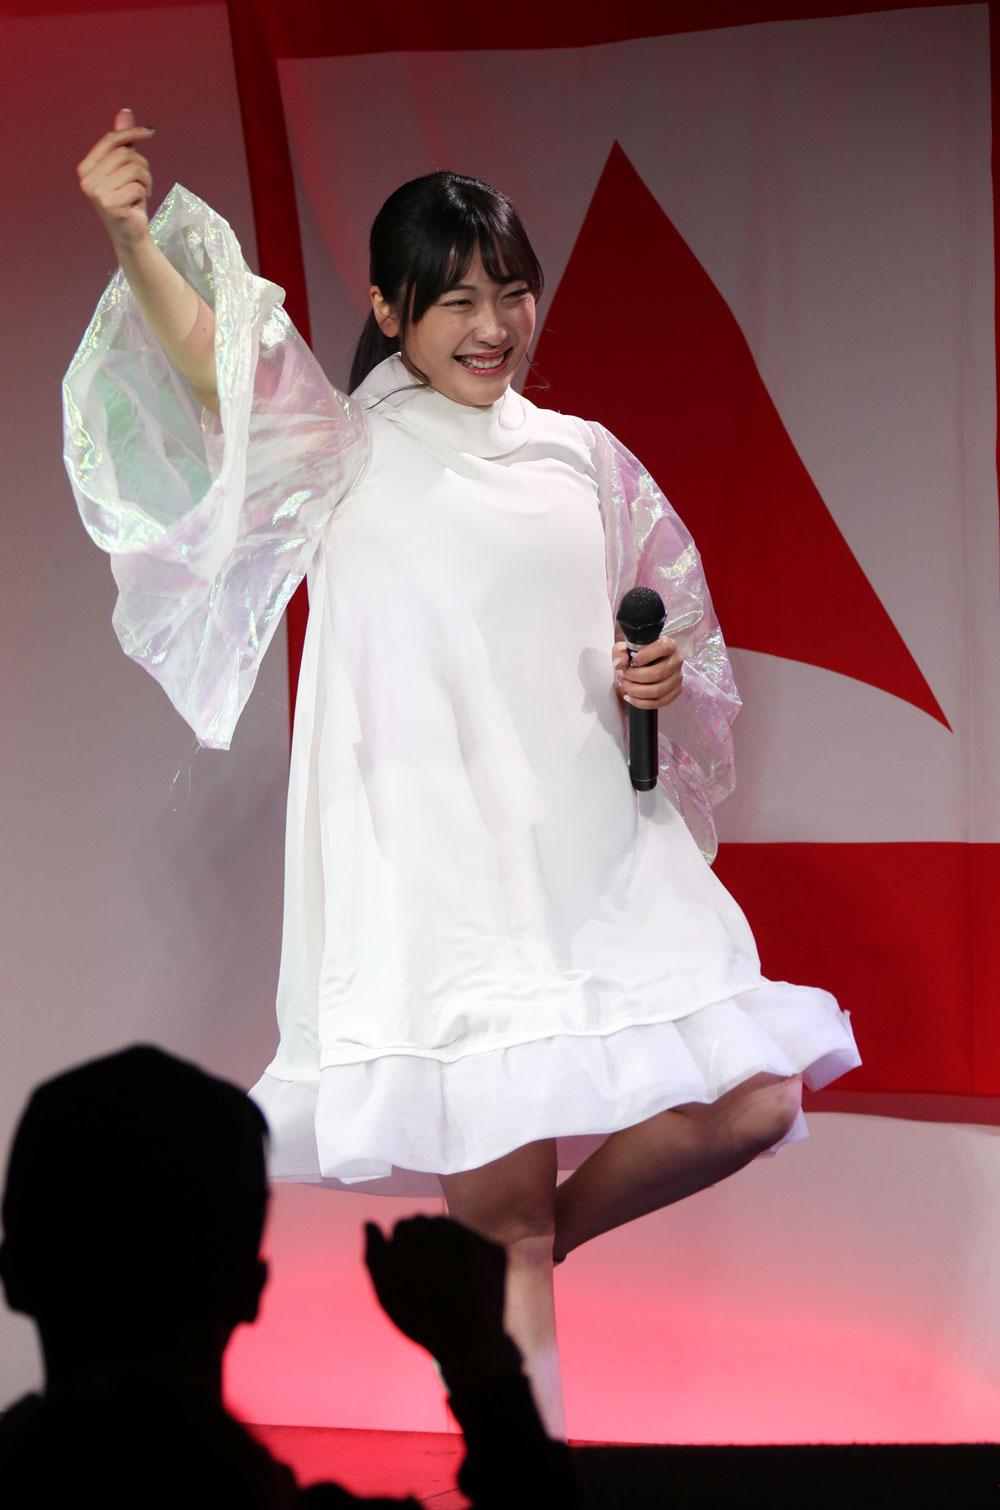 画像2: ミライスカート/ミライスカートバンドライブの盛況を受け、さらに充実した歌声とパフォーマンスで、東京定期を盛り上げた